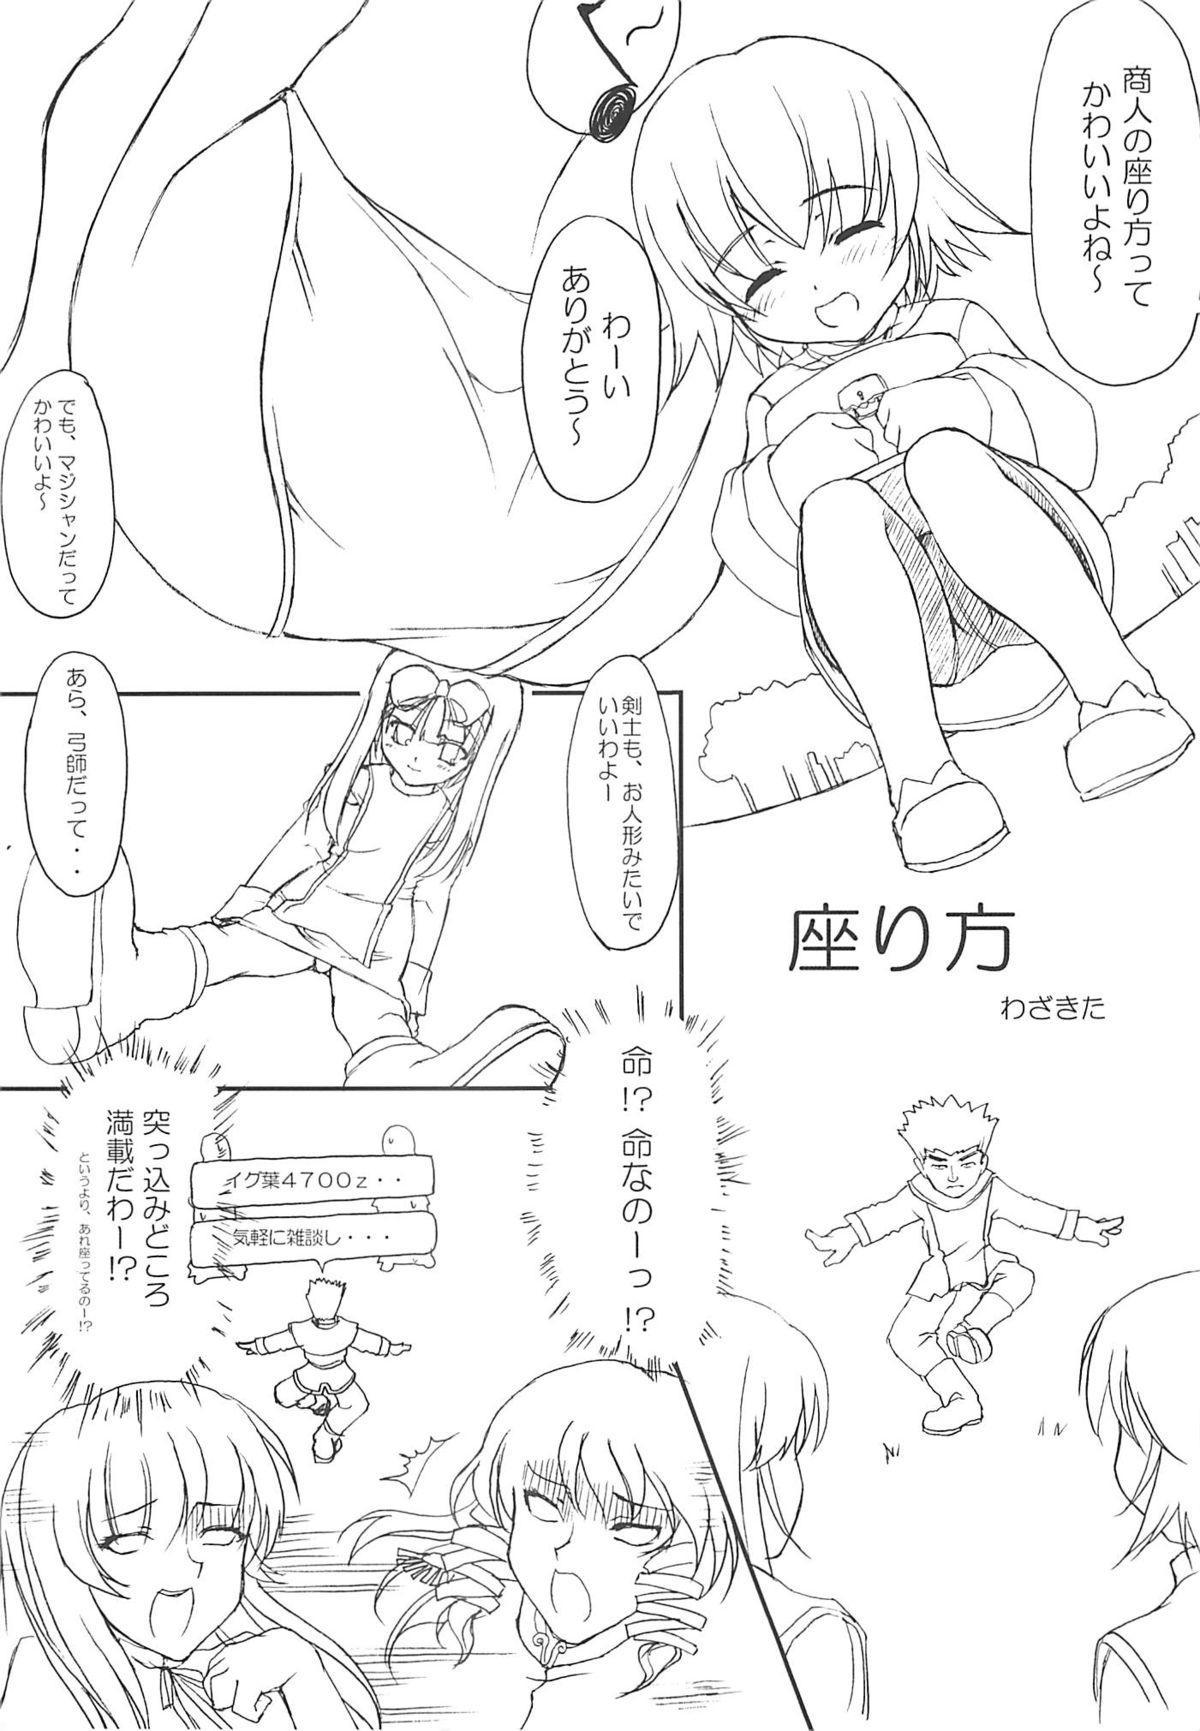 Hajimete no Juuryoku 14